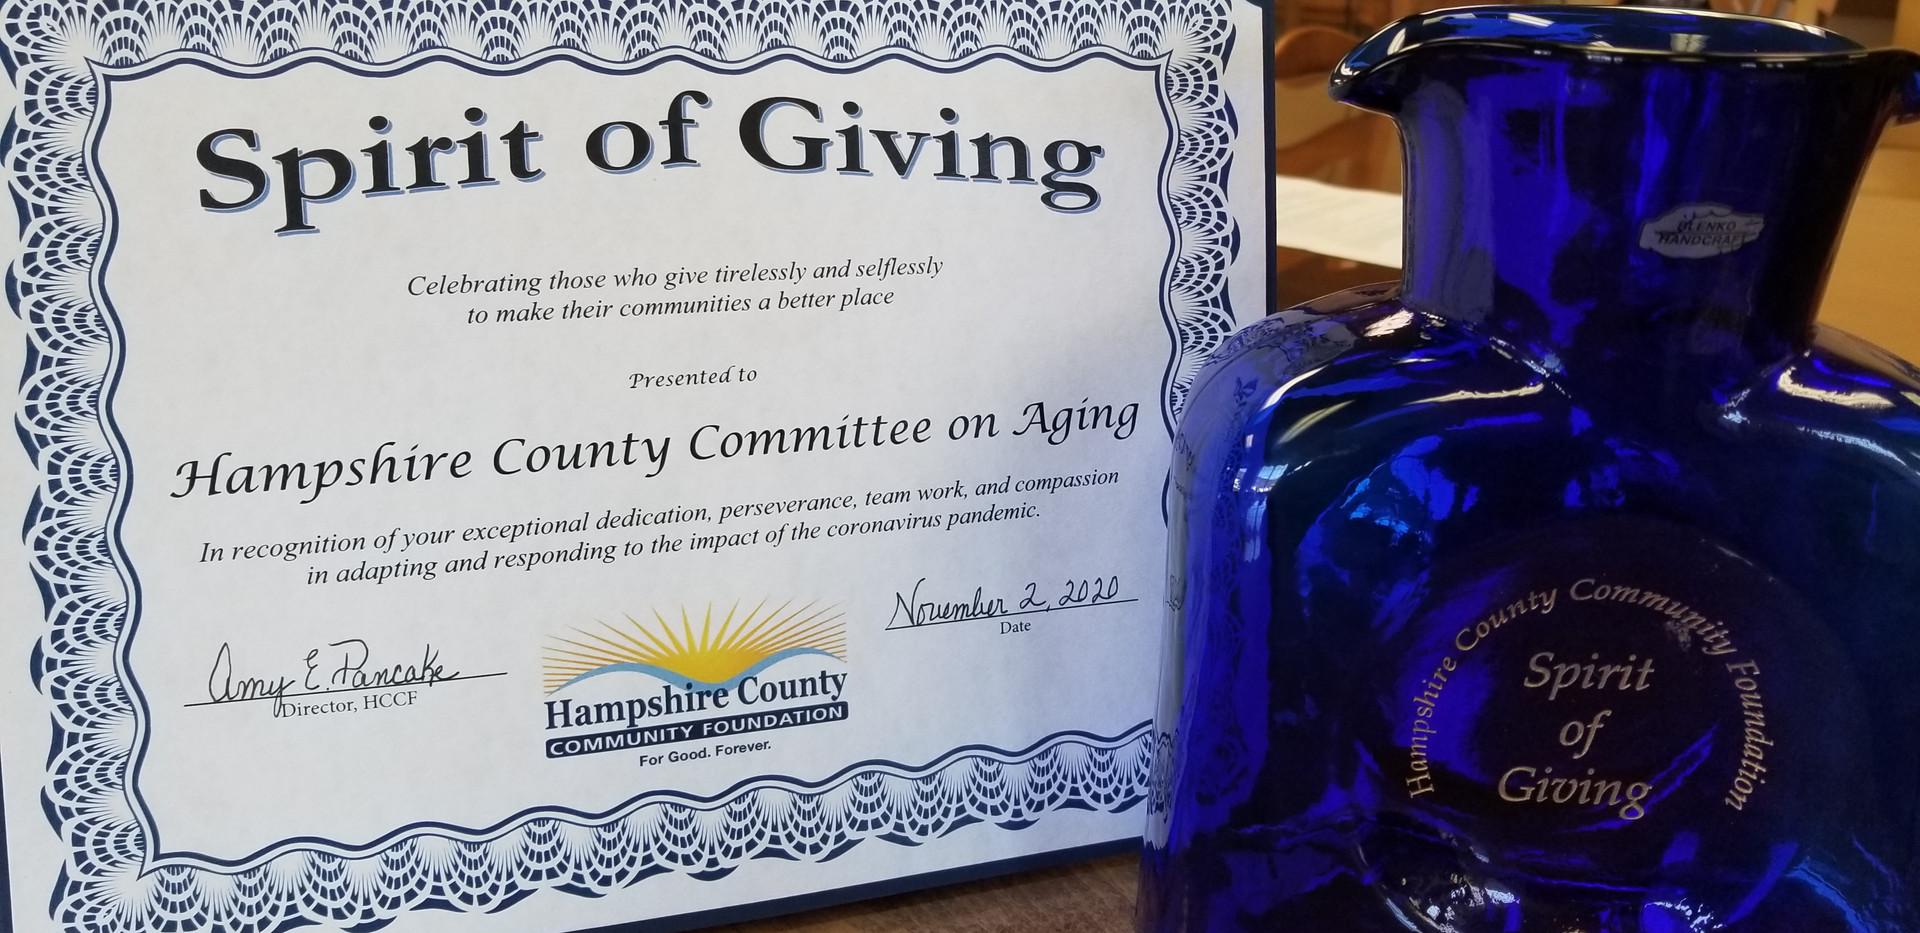 2020 Spirit of Giving Award